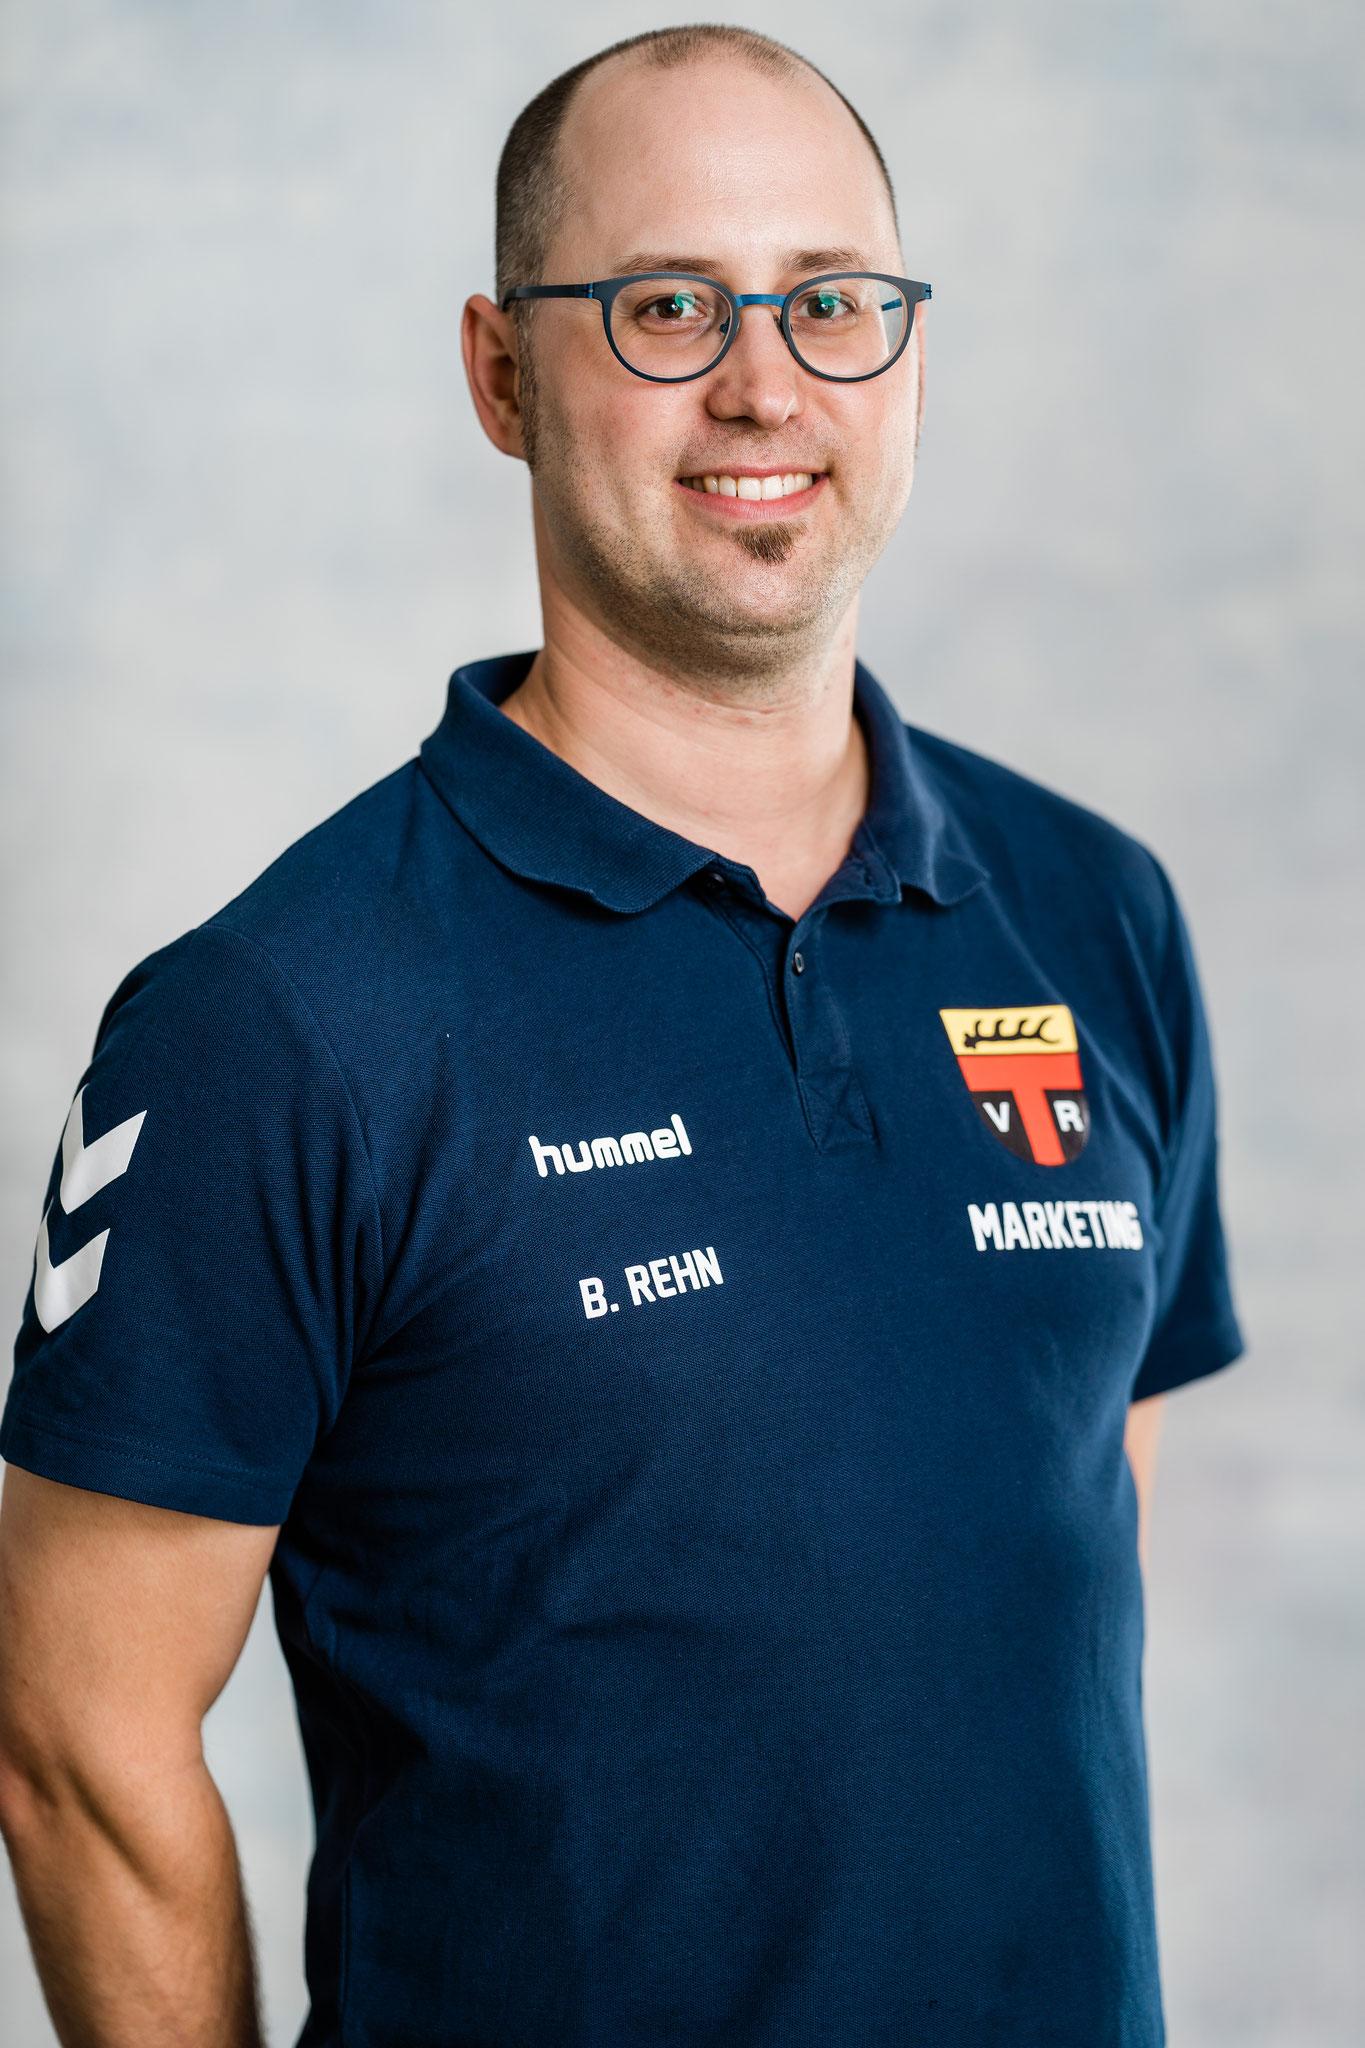 Boris Rehn